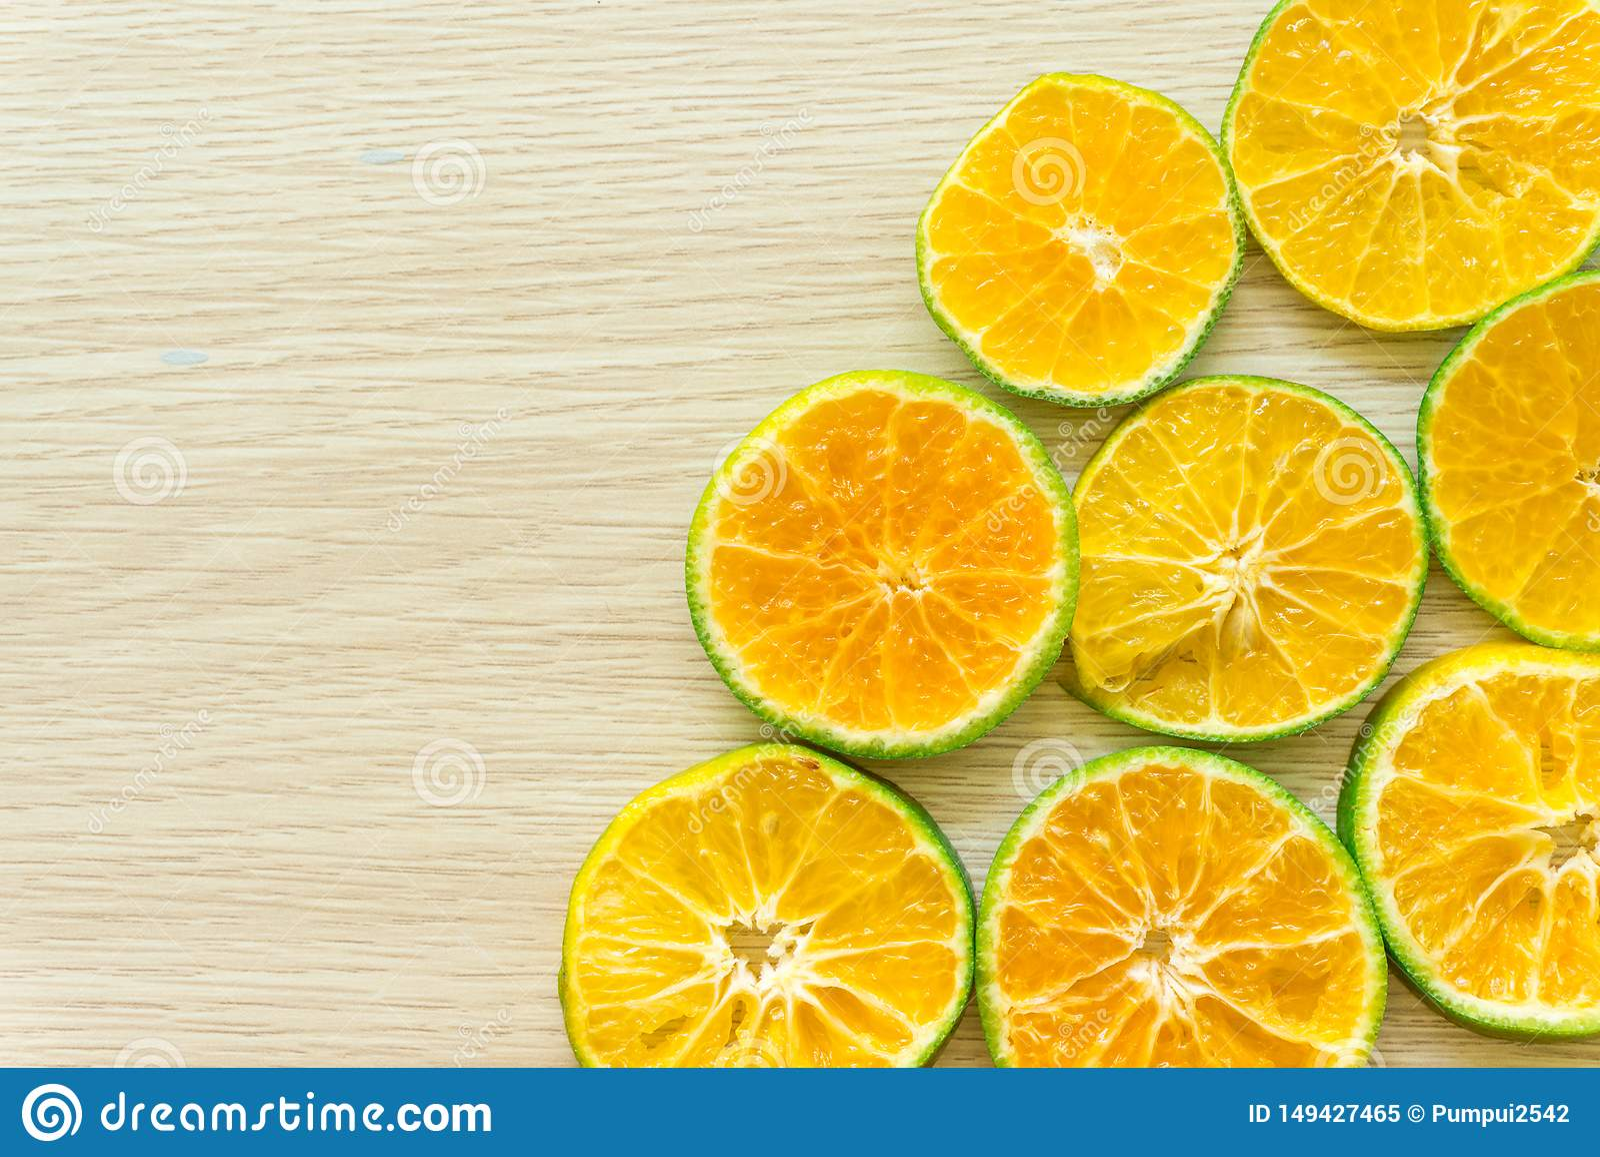 Le arance hanno tagliato a met? su un fondo di legno, spazio libero